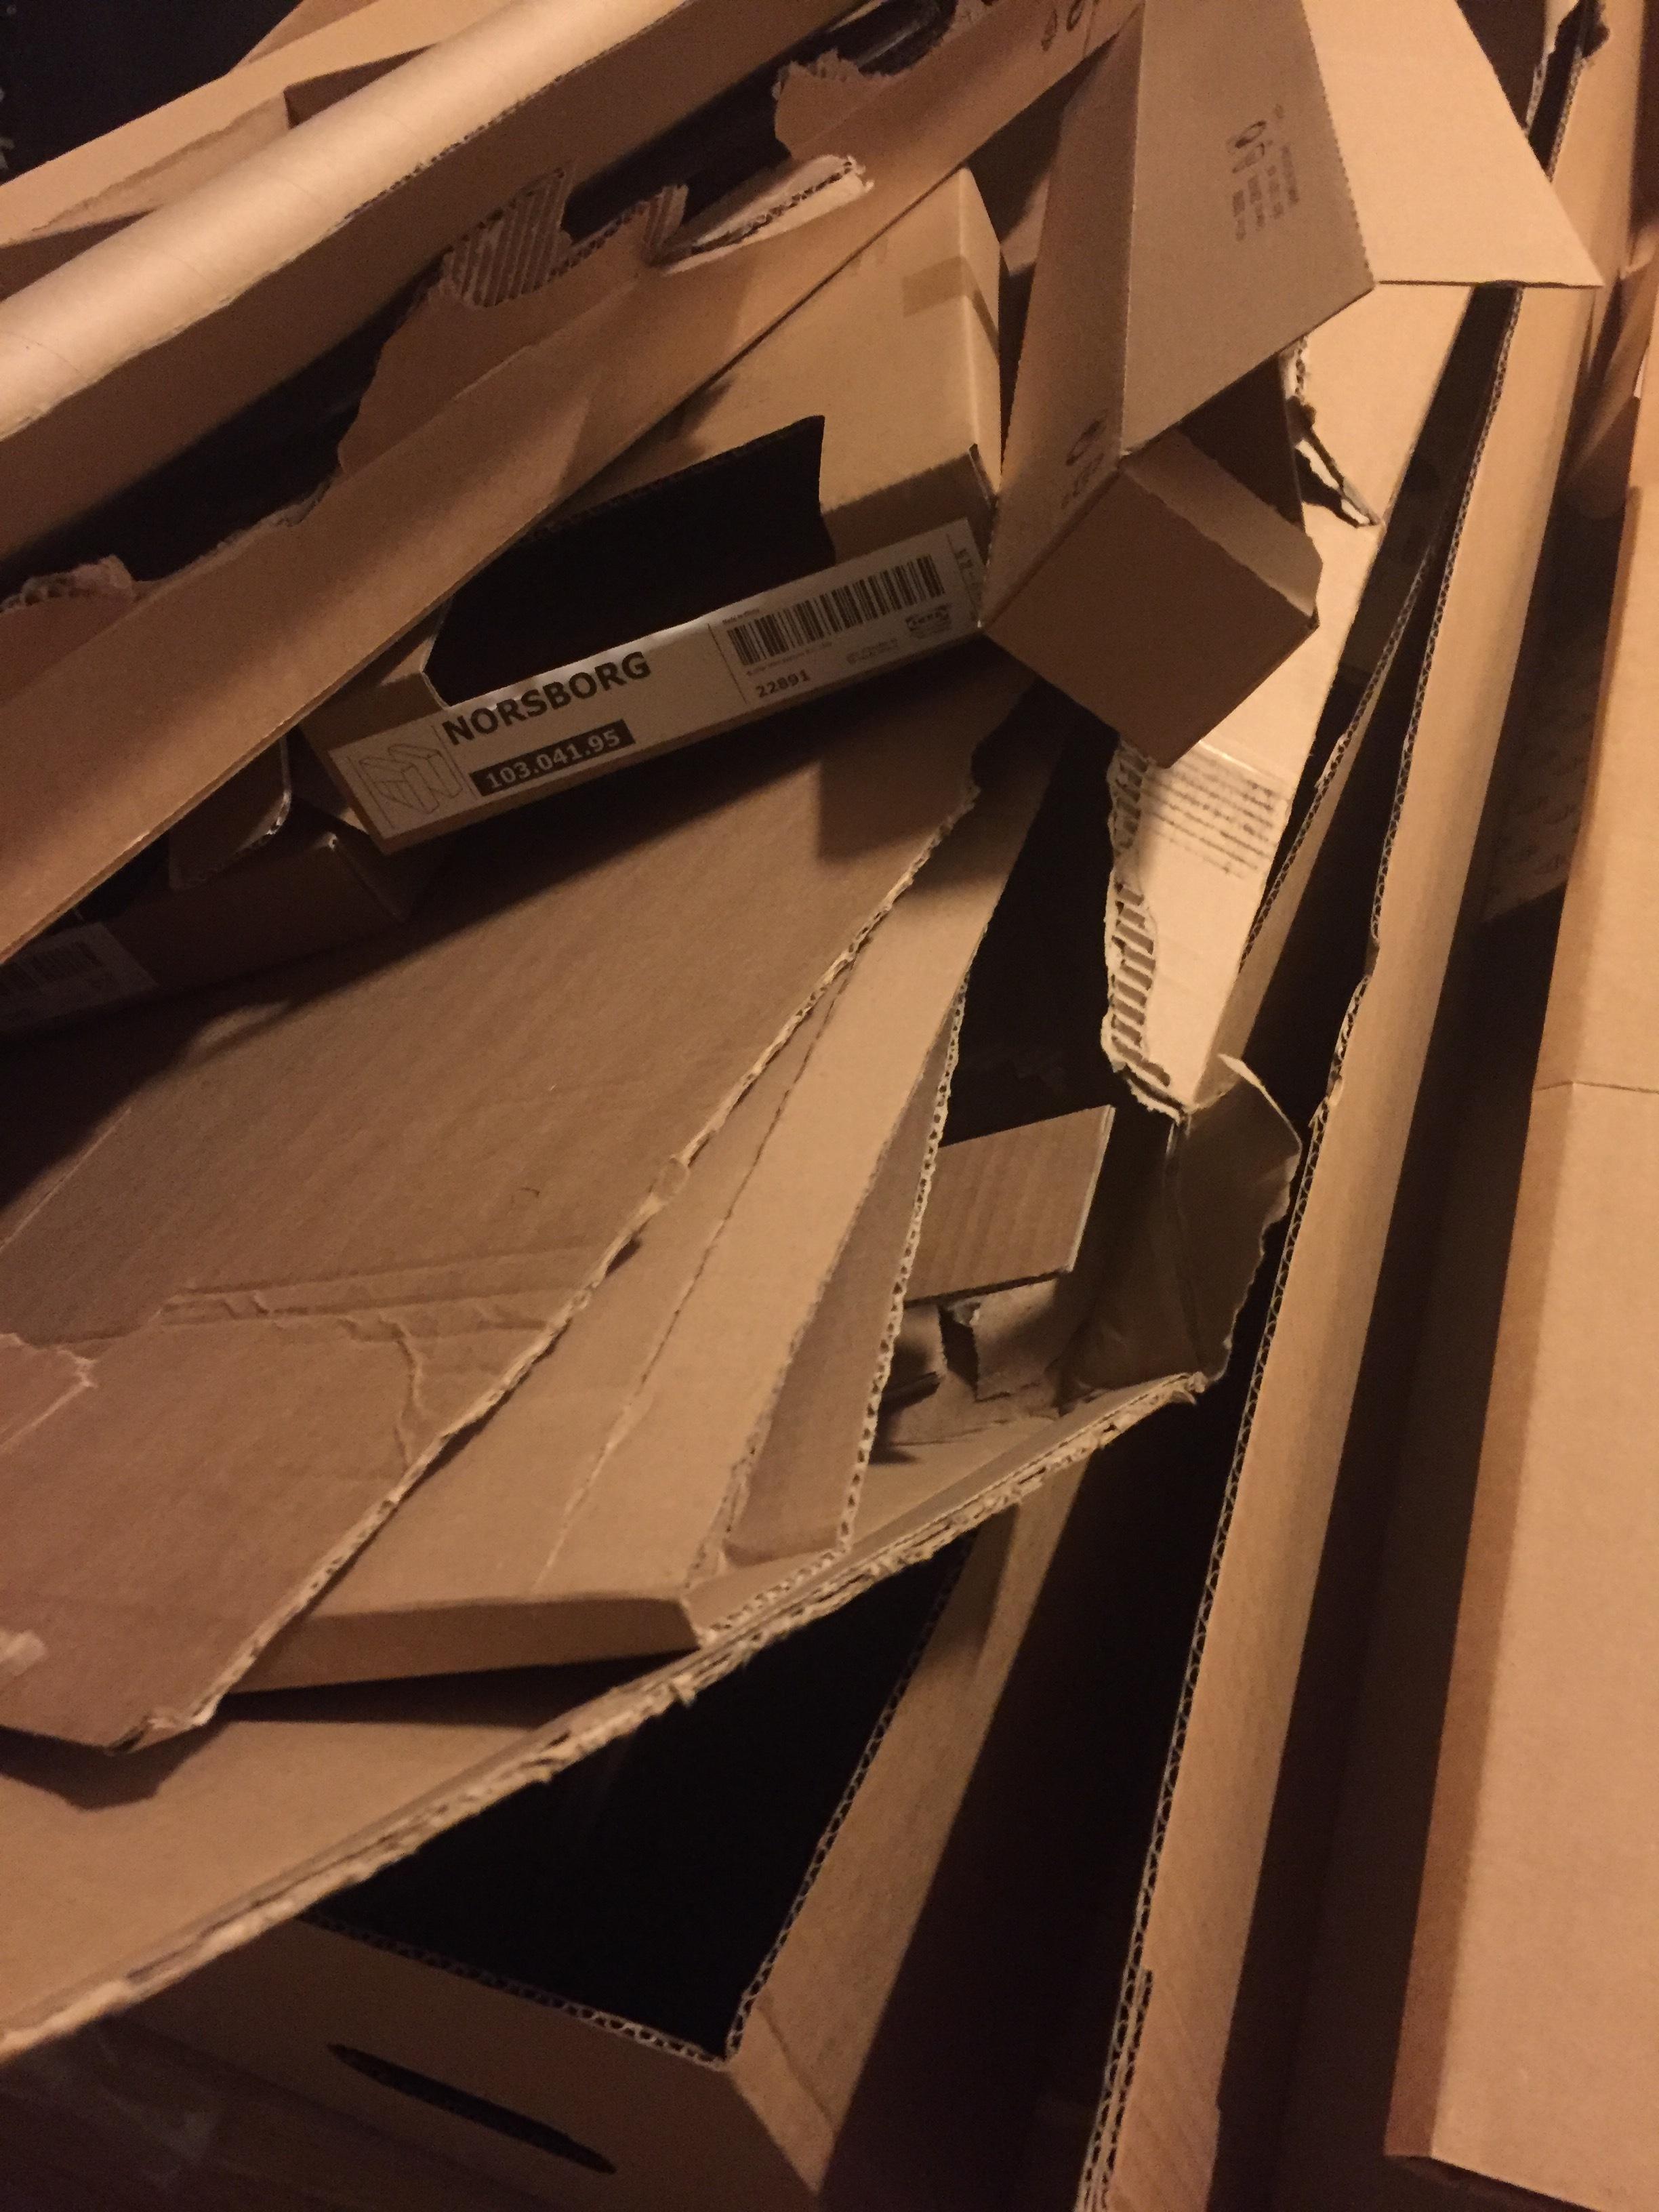 Vi videreførte IKEA-tradisjonen (tar gjerne imot penger for produktplassering, #IKEA)